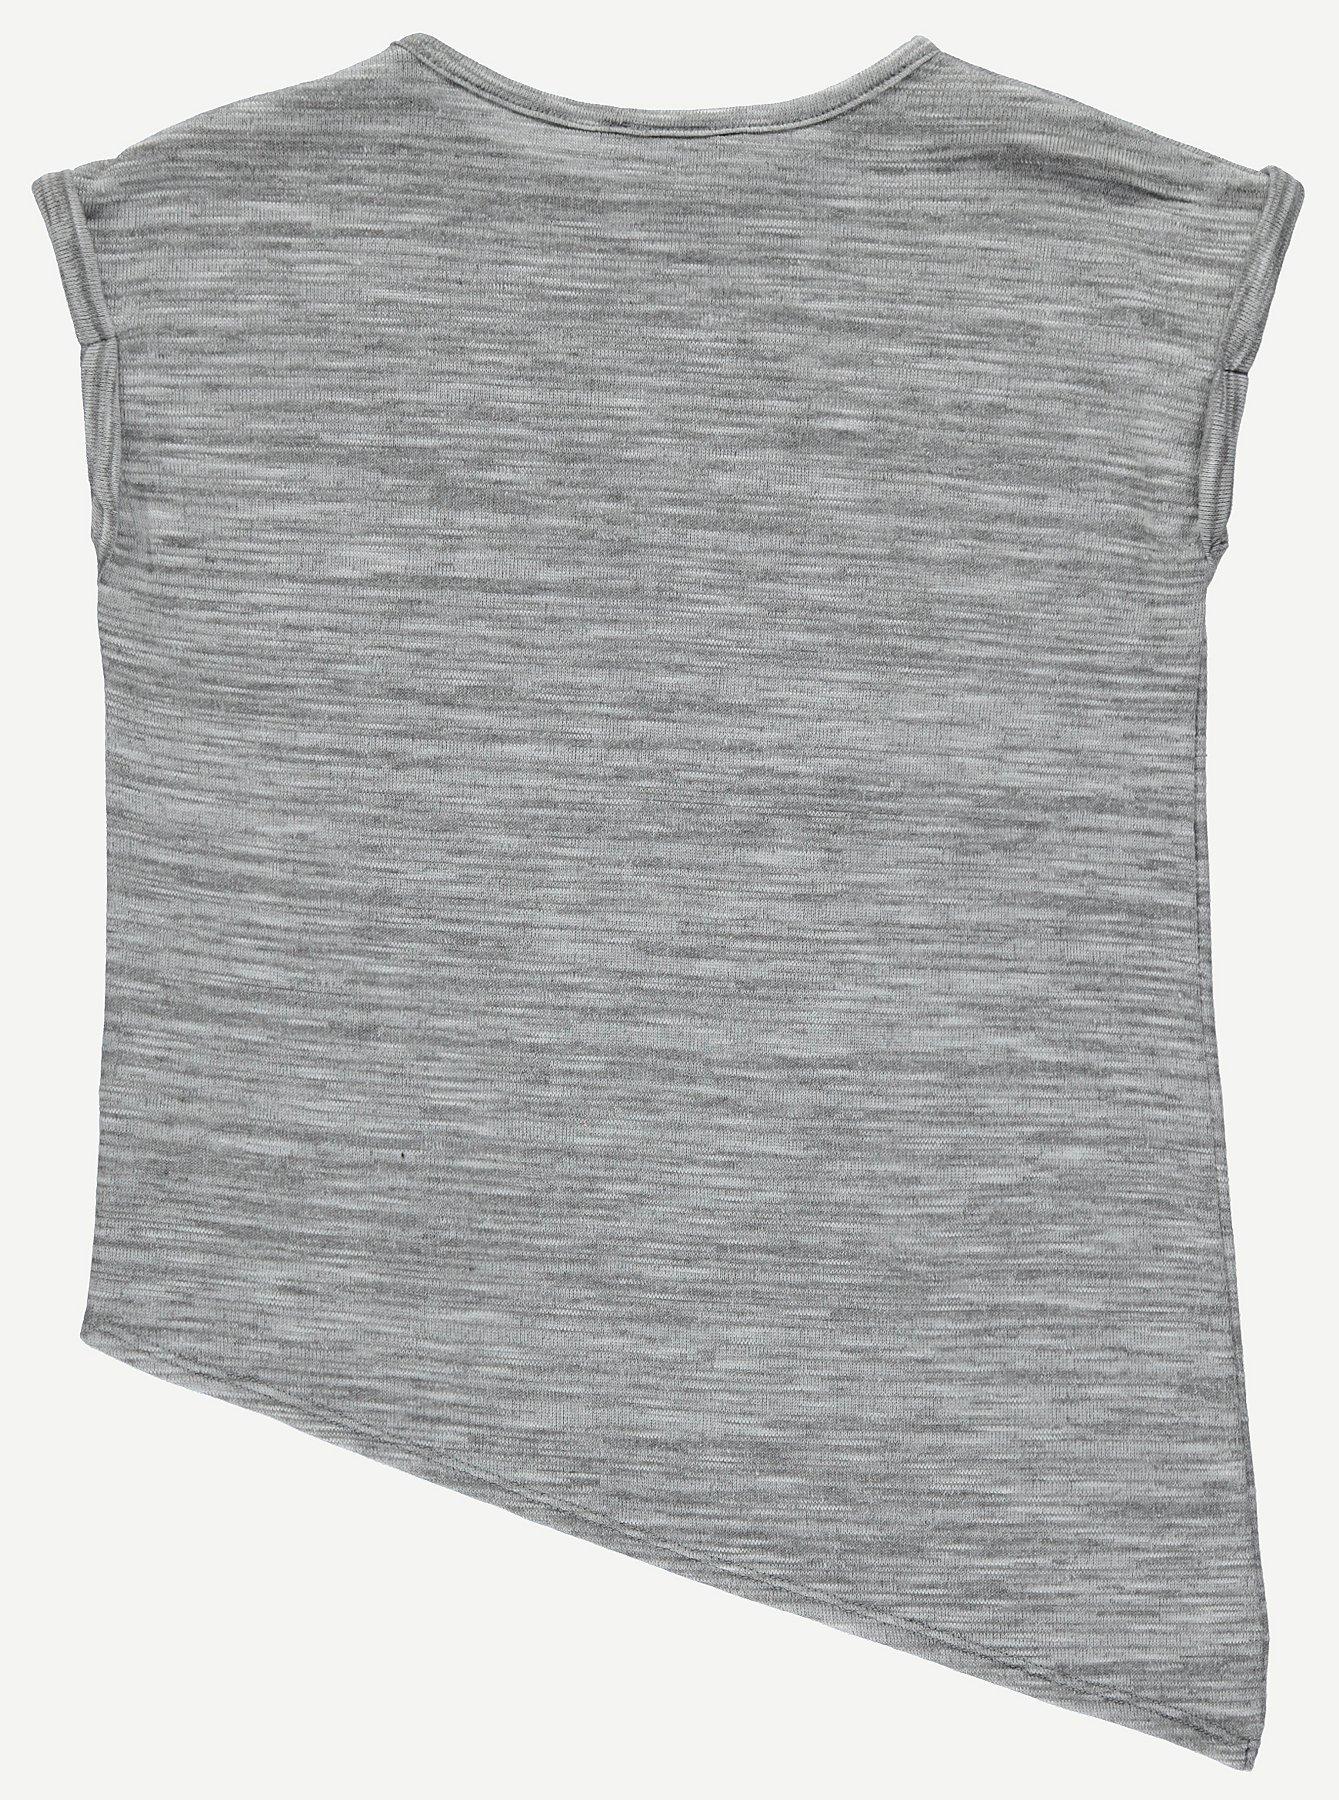 Black t shirt asda - Black T Shirt Asda 40